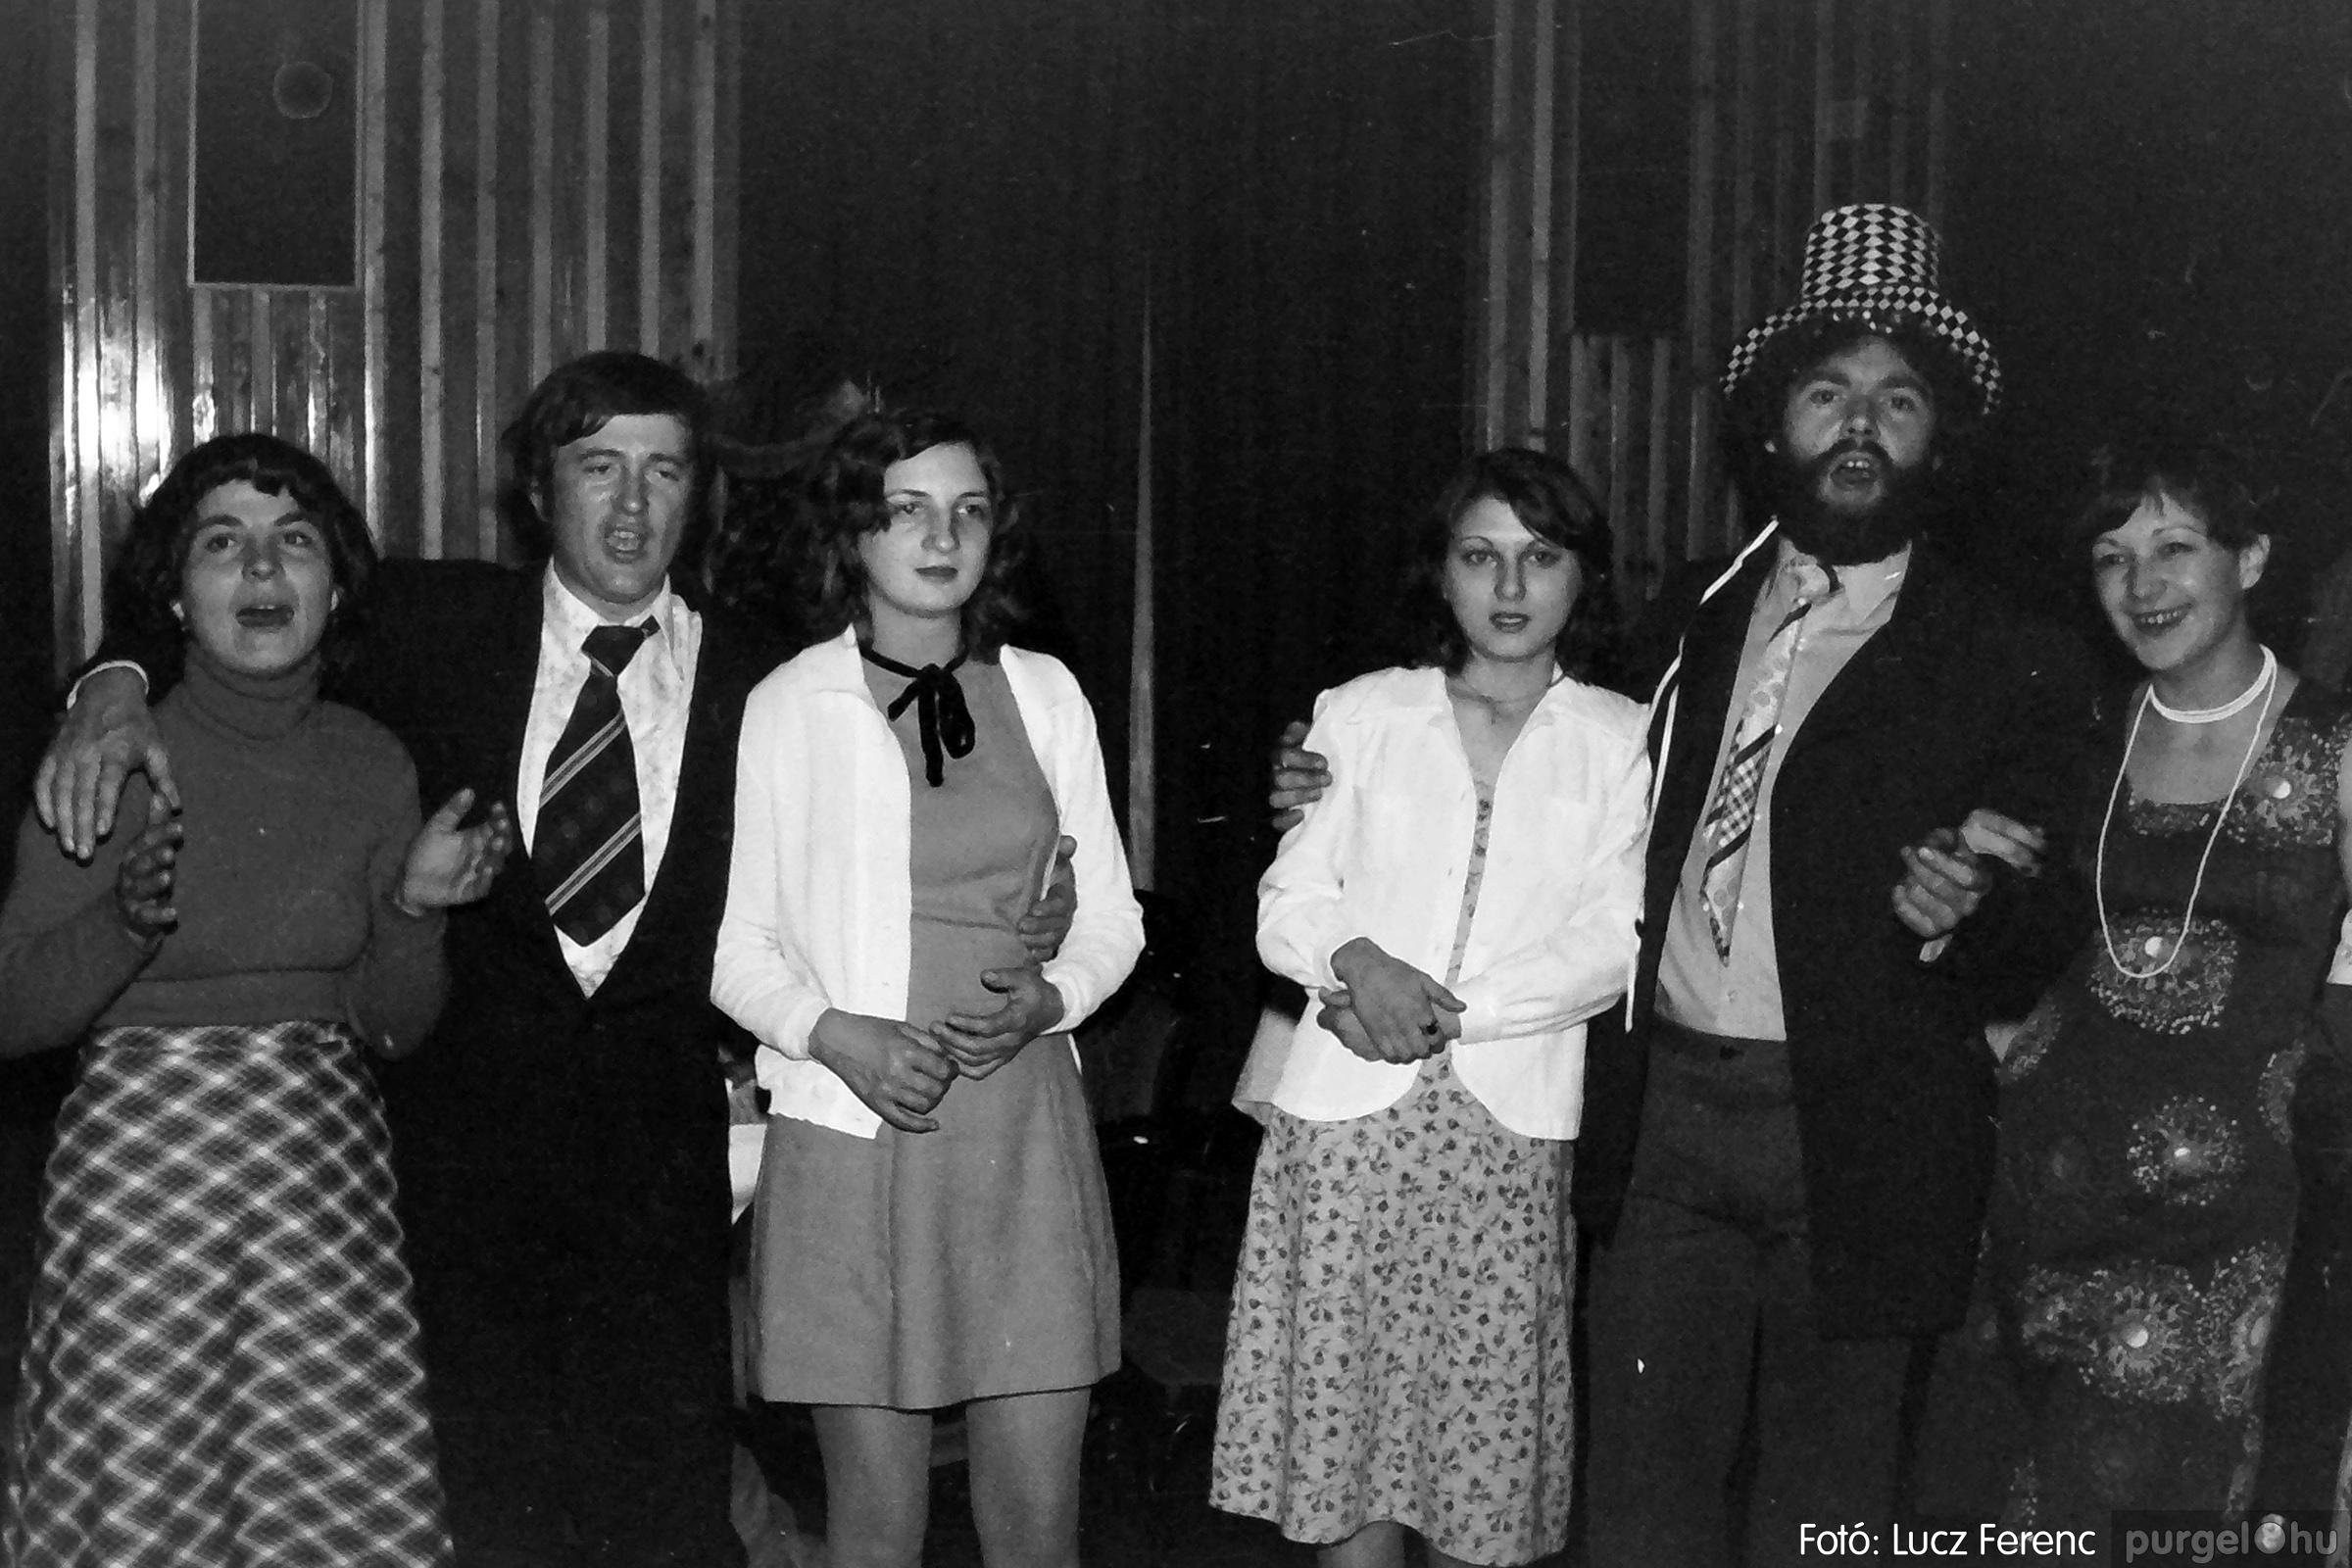 070. 1976.12.31. Szilveszter a kultúrházban 002. - Fotó: Lucz Ferenc.jpg